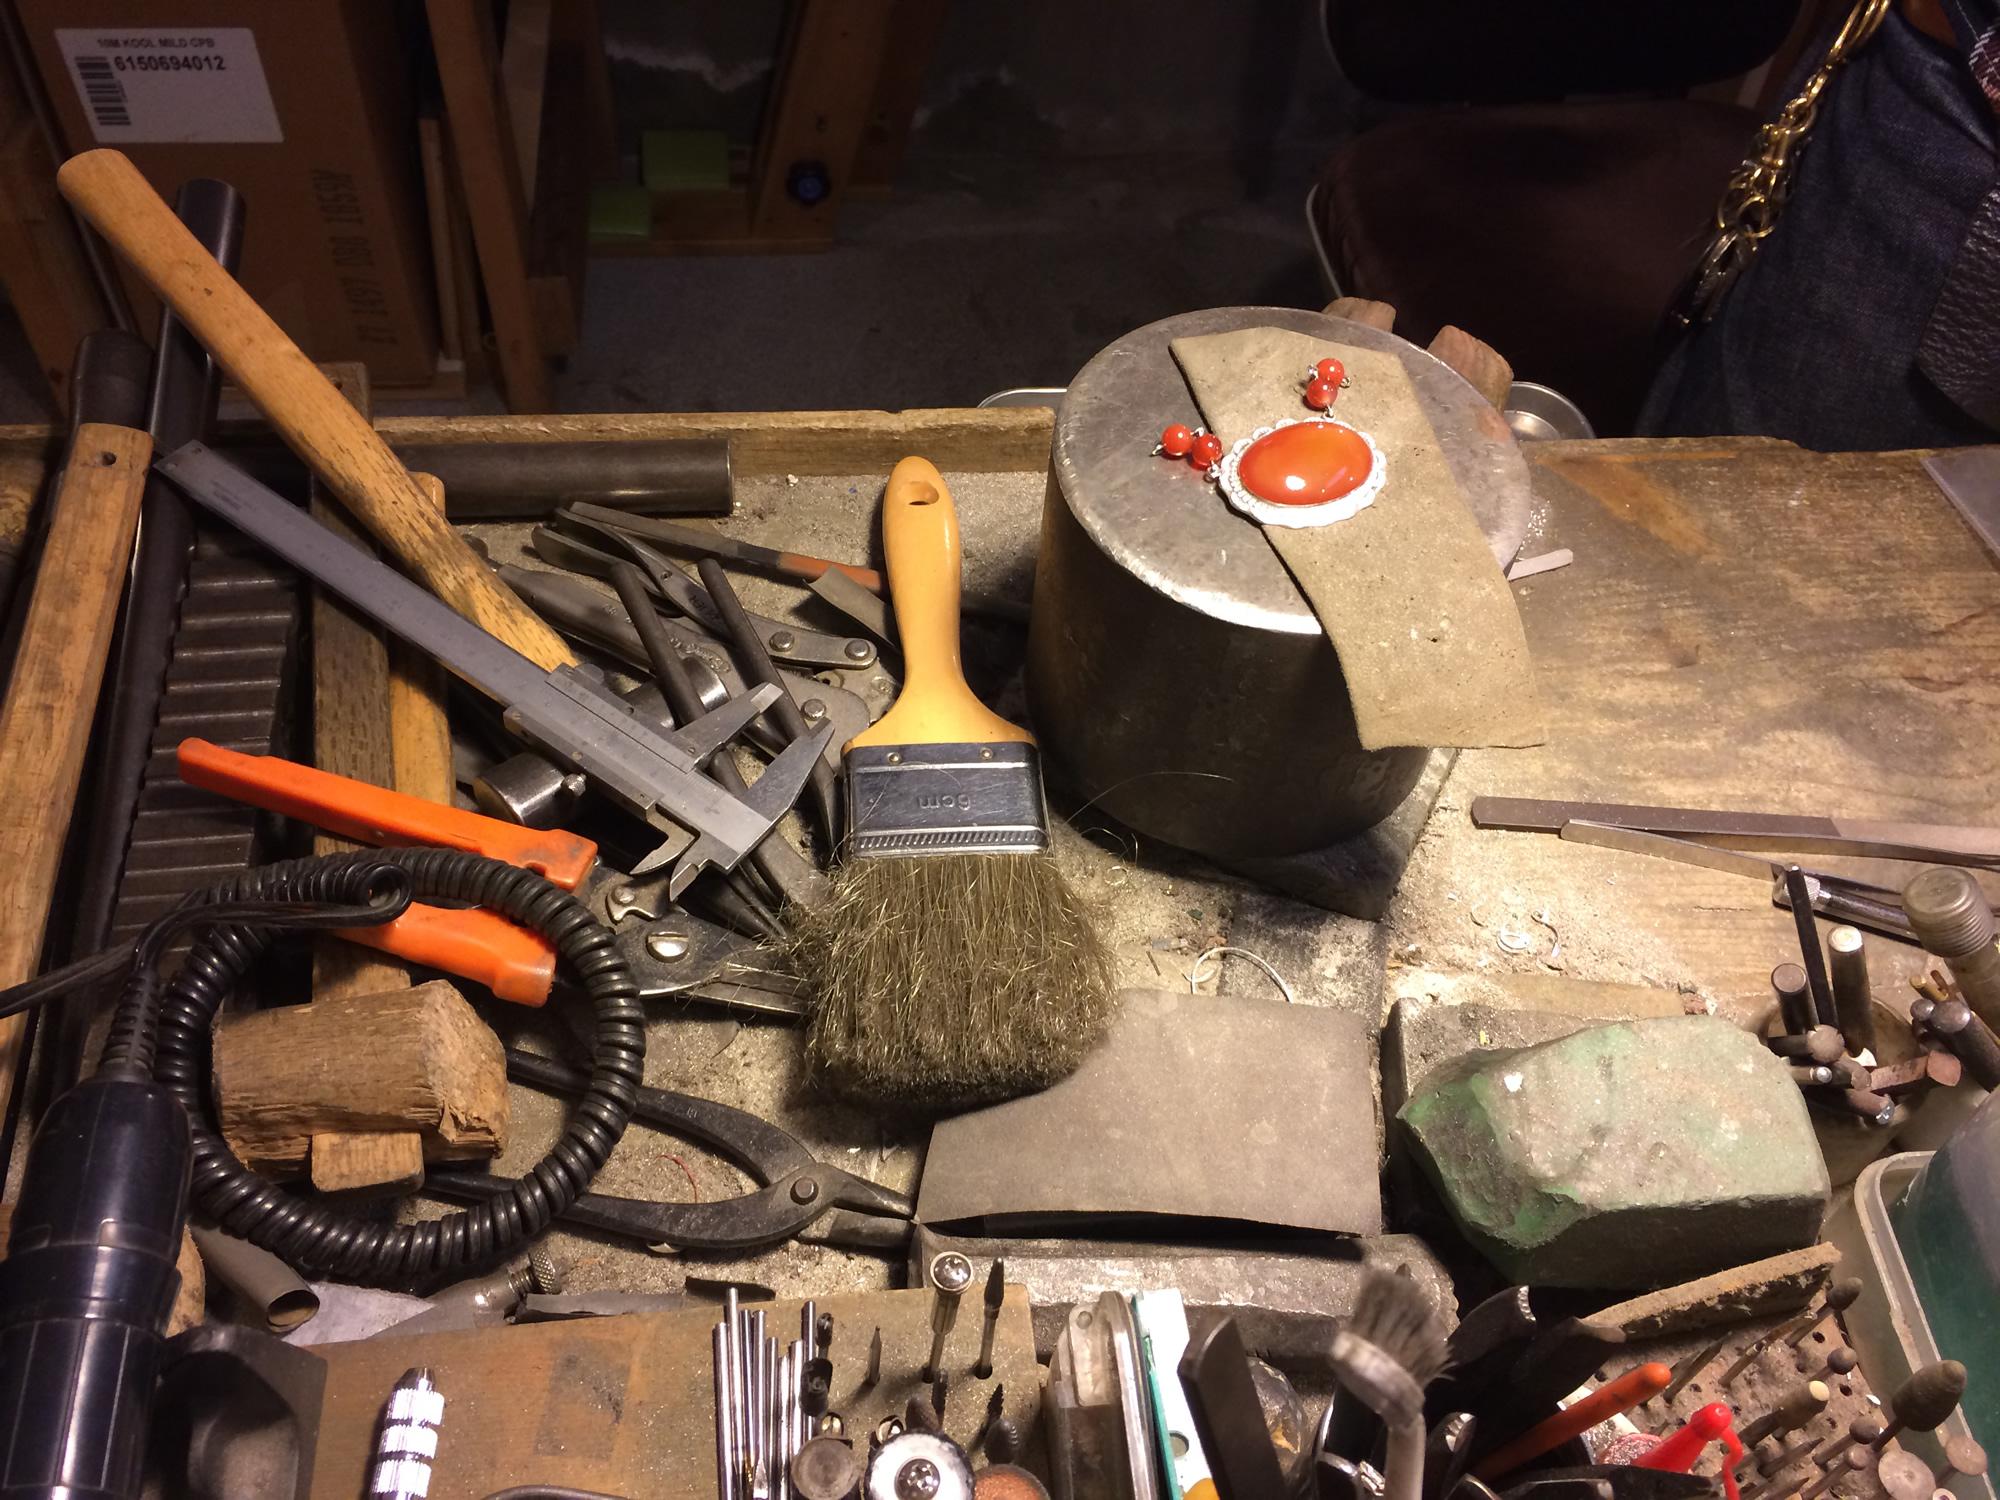 細工のための道具たち